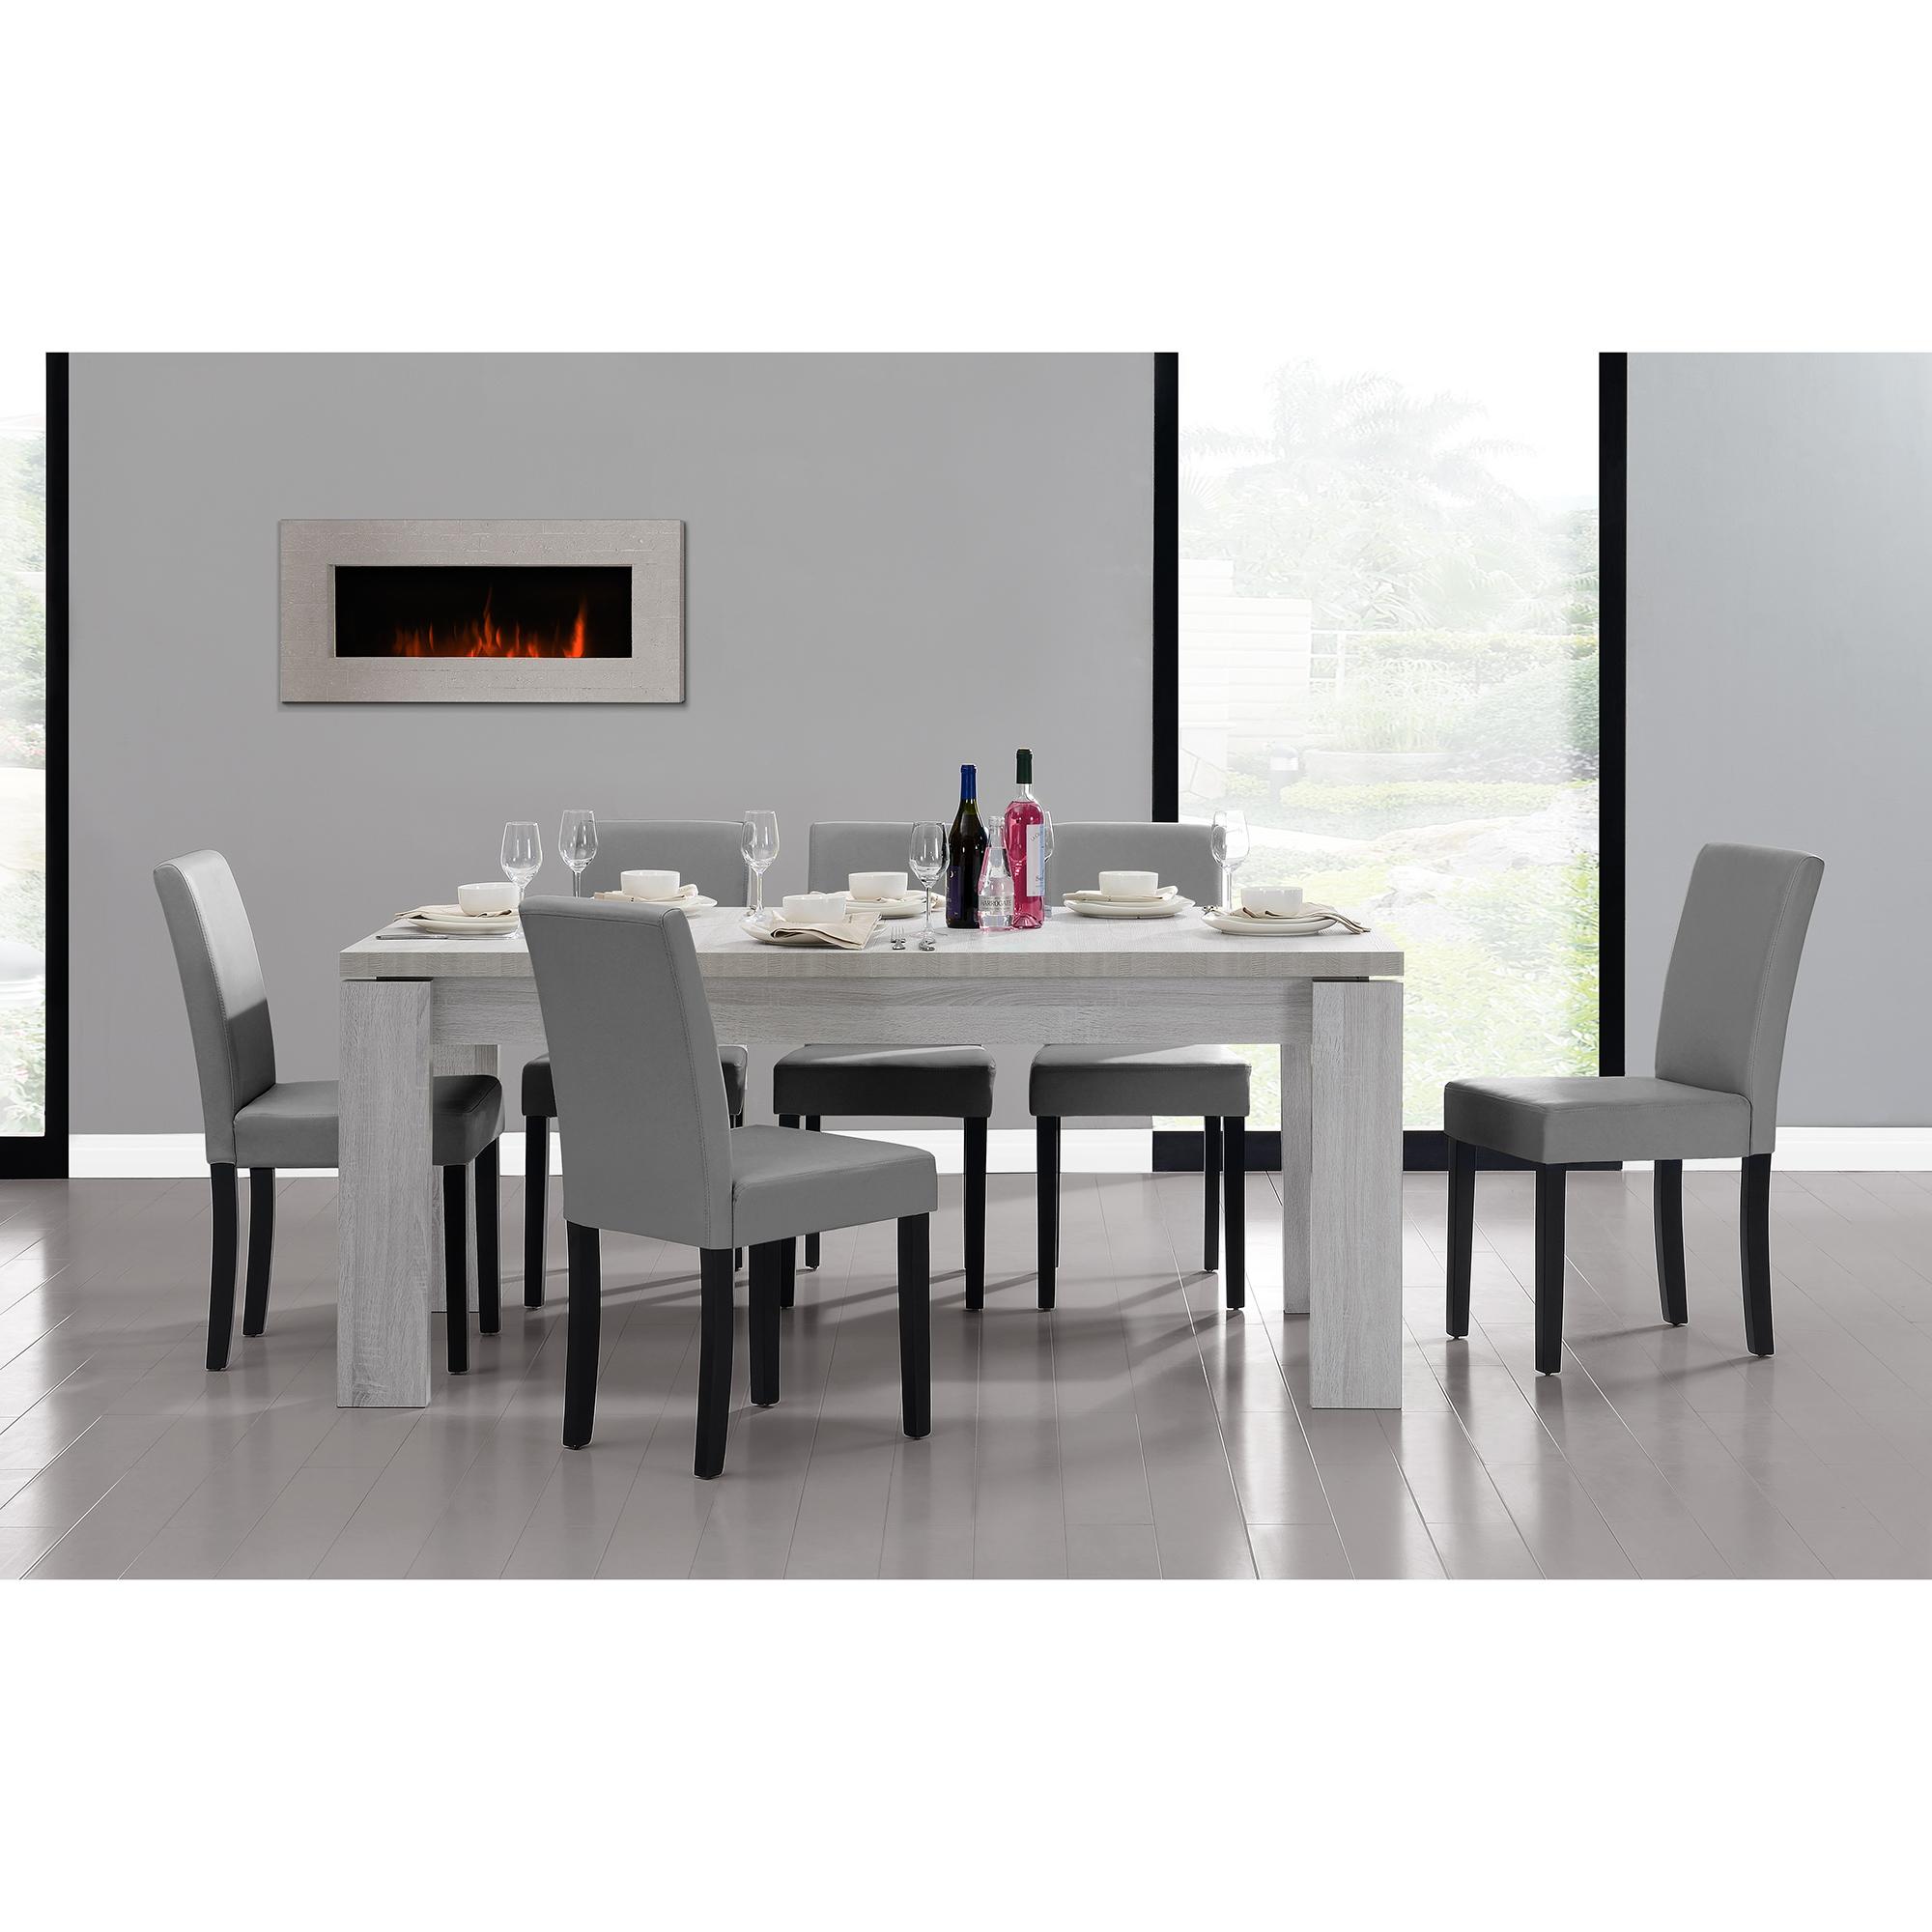 Tavolo Bianco E Sedie Grigie.Dettagli Su Tavolo Da Pranzo 170x79 Rovere Bianco 6 Sedie Grigio Chiaro Sala